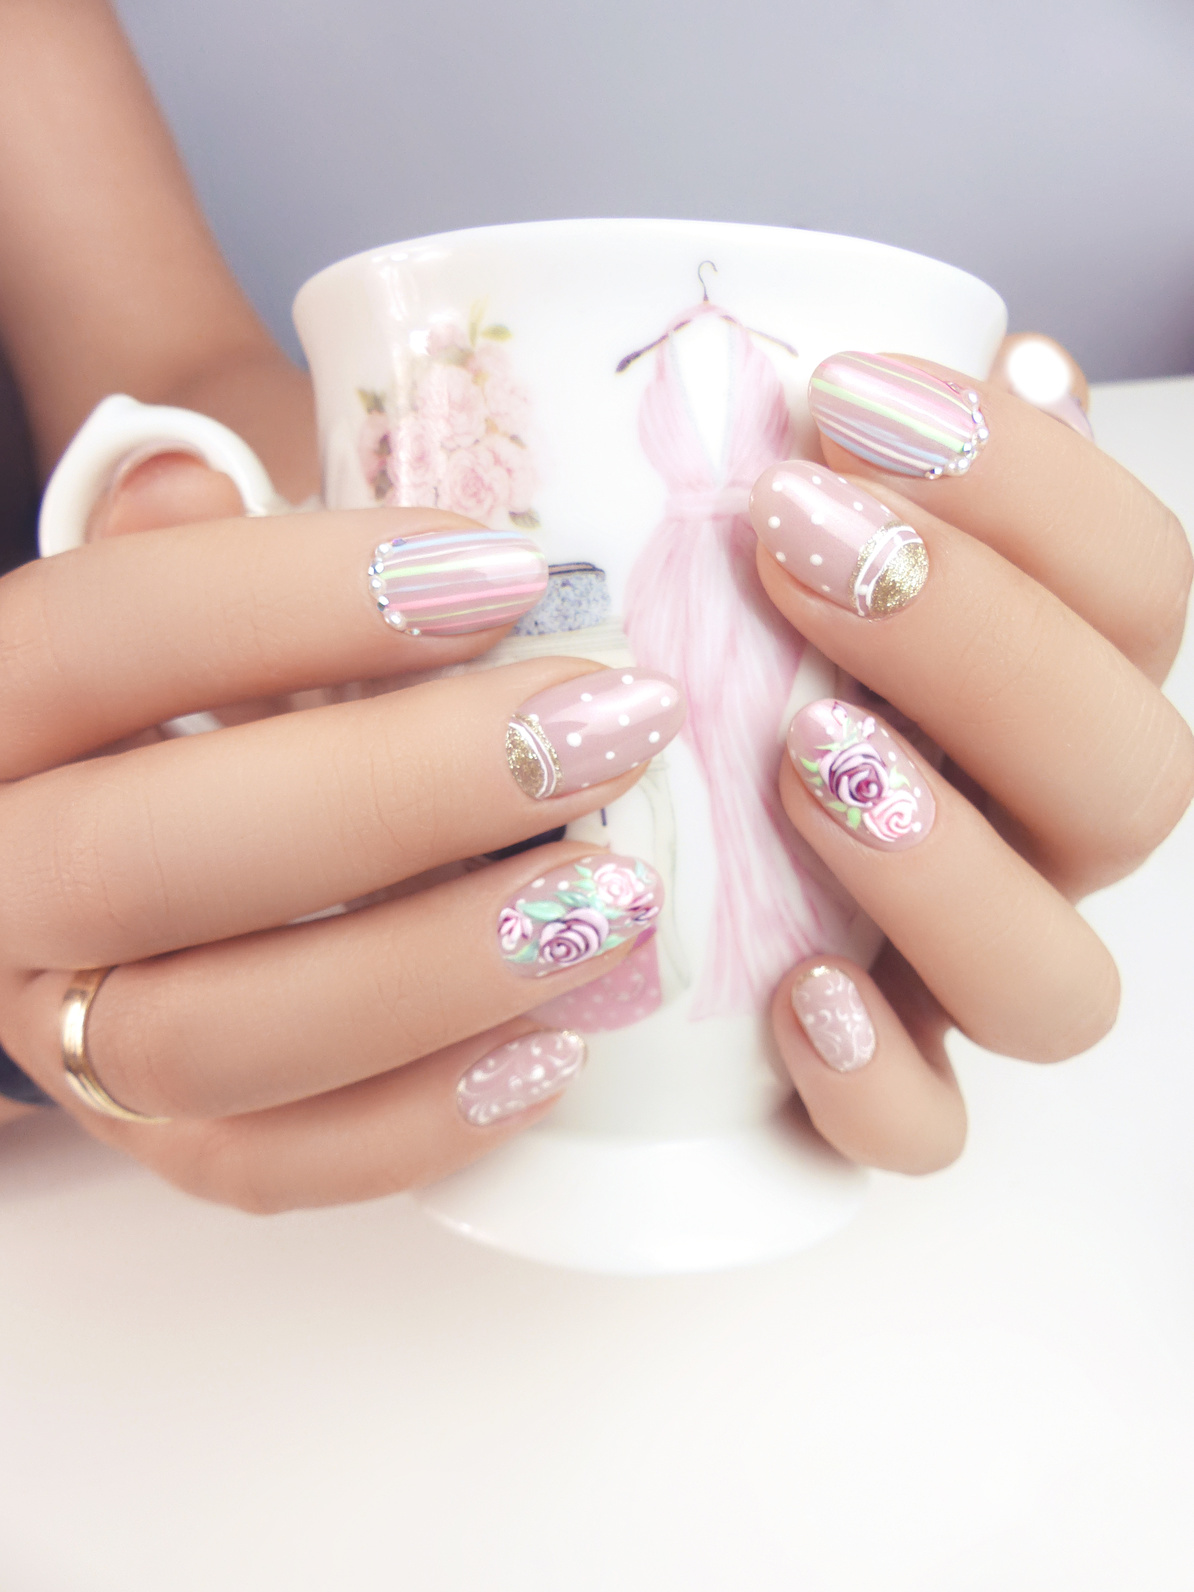 Zwei Hände zeigen bunte Gelnägel in Pastell